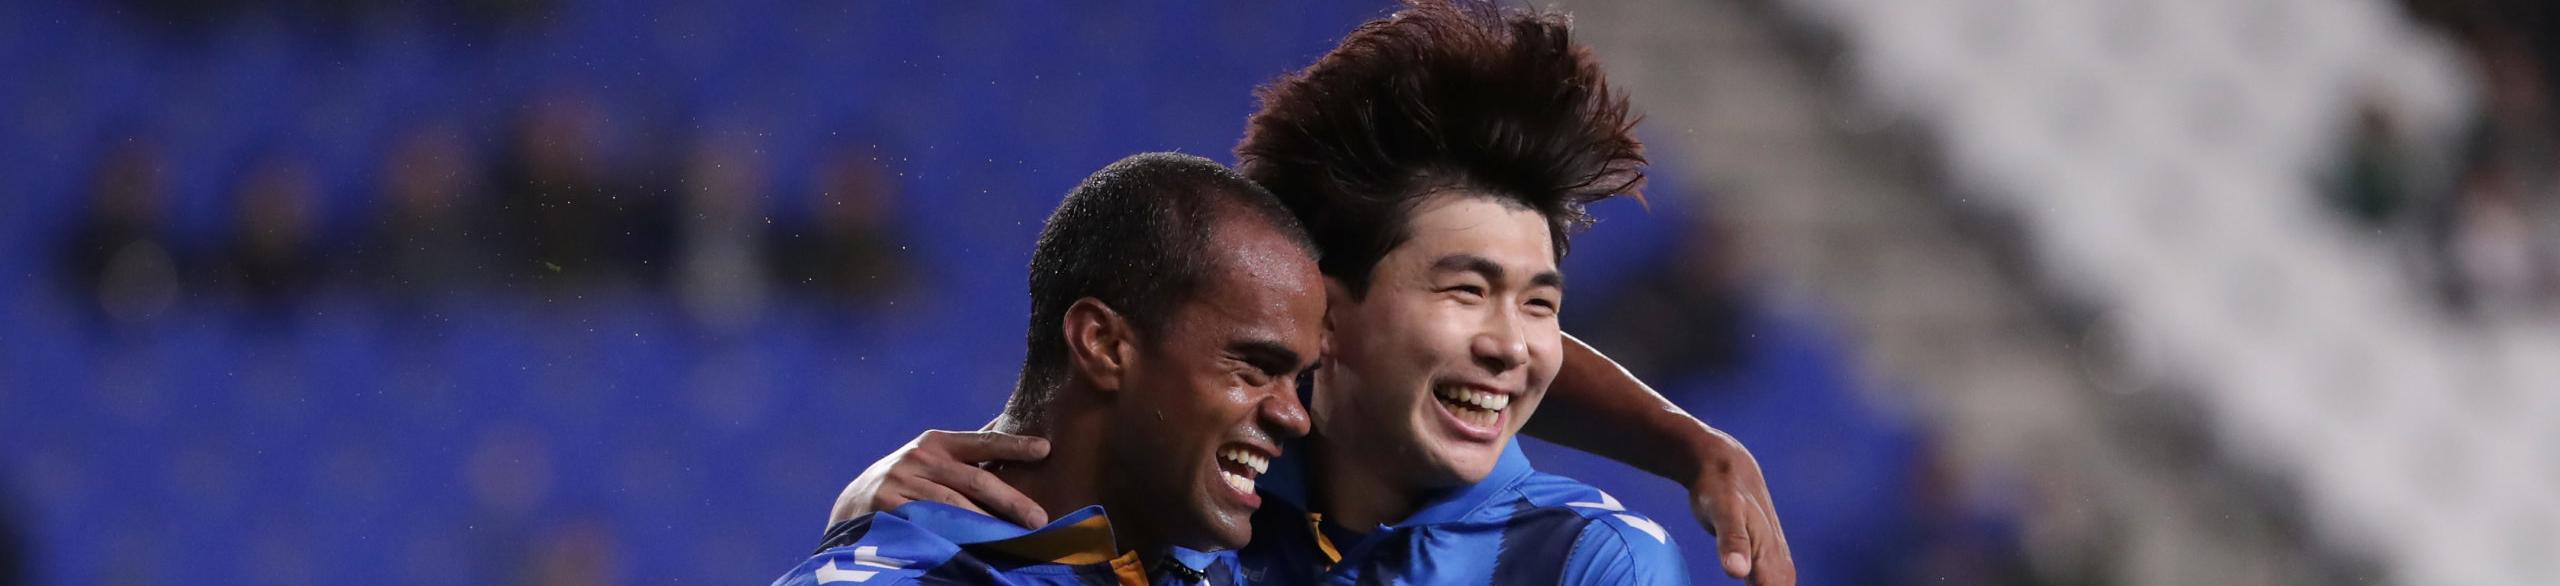 3ª giornata di K League, pronostici e quote: chi fermerà l'Ulsan di Junior Negrao?